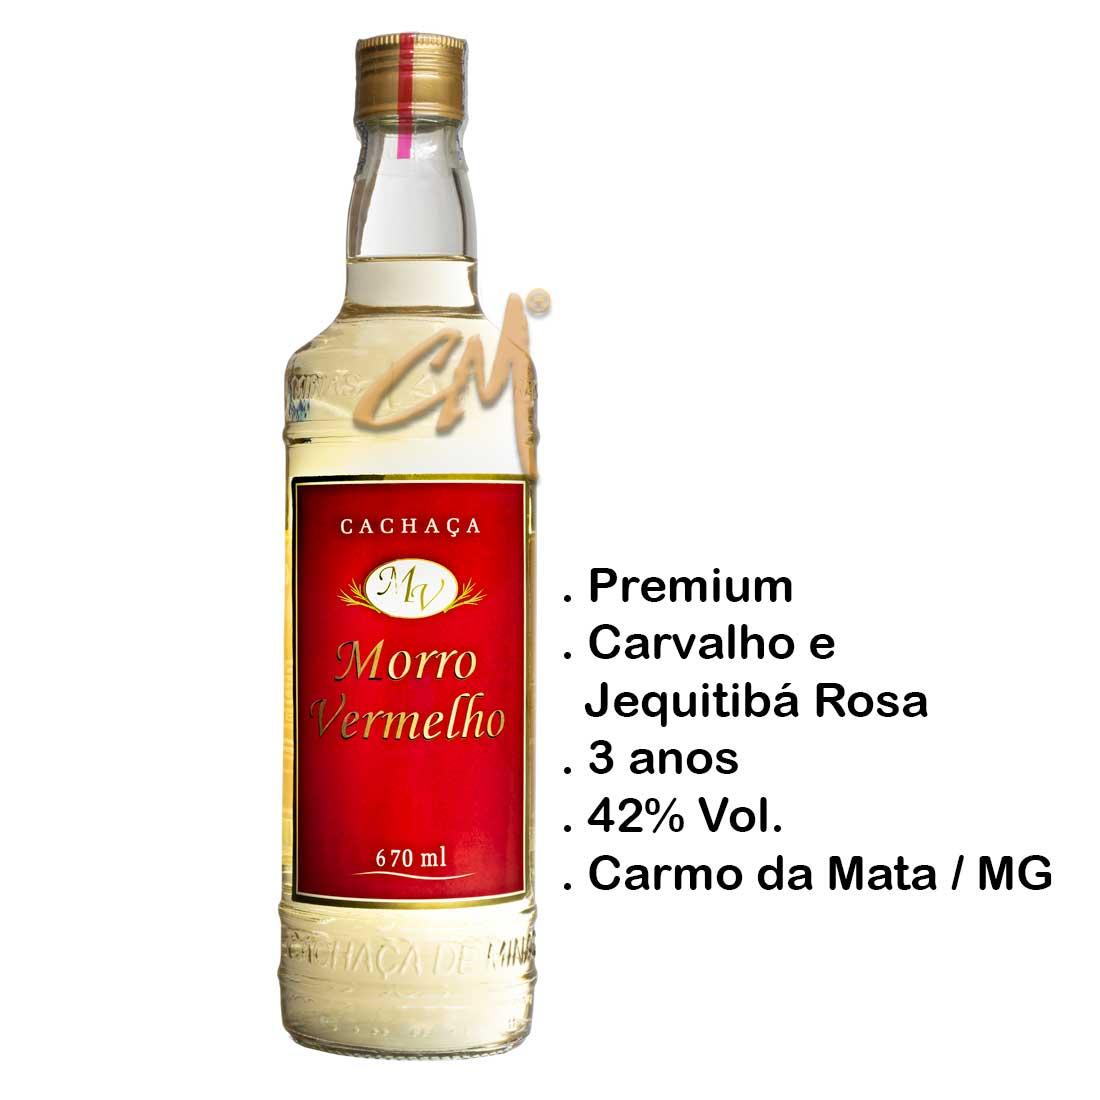 Cachaça Morro Vermelho Ouro 670 ml (Carmo da Mata - MG)